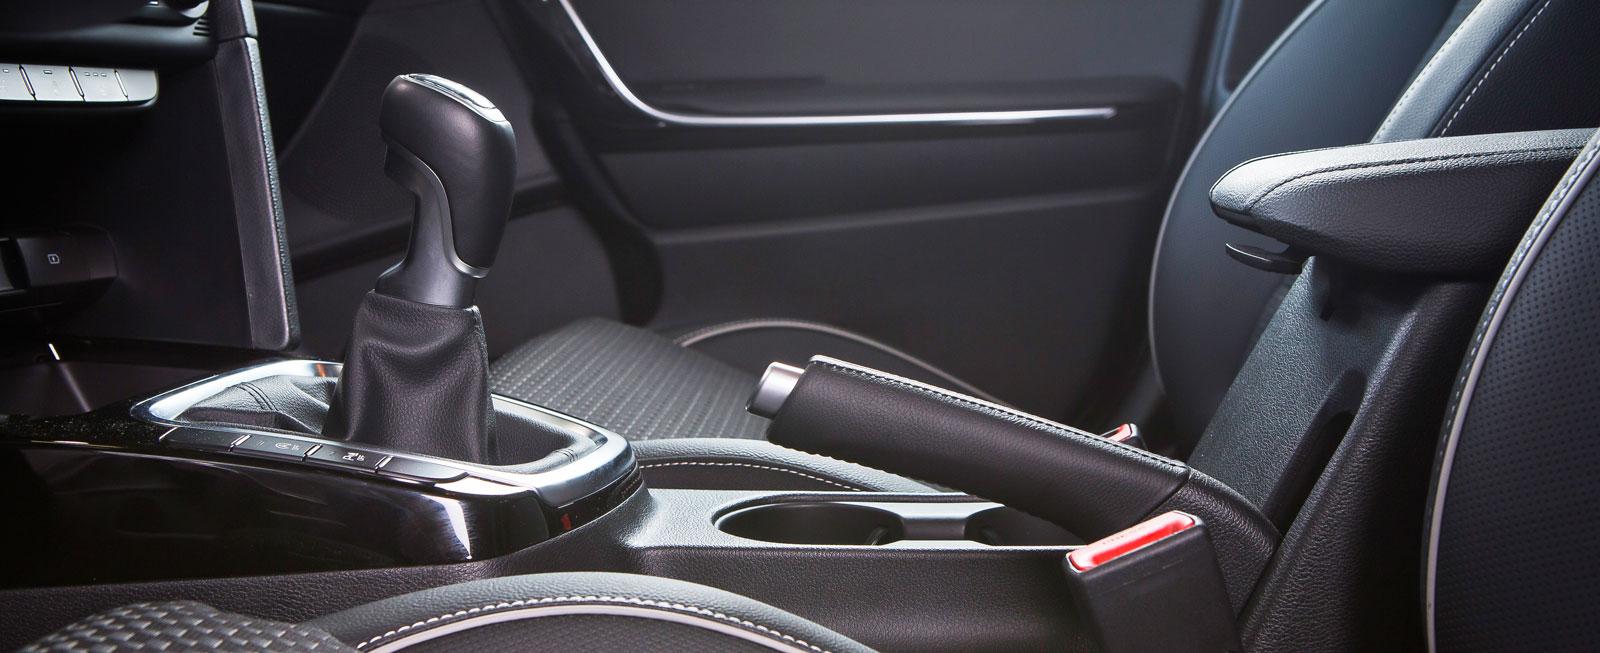 Kia har som enda bil i testet en konventionell handbroms-krycka. Bra när man ska fickparkera i backar och göra snabba vändningar på vintern.